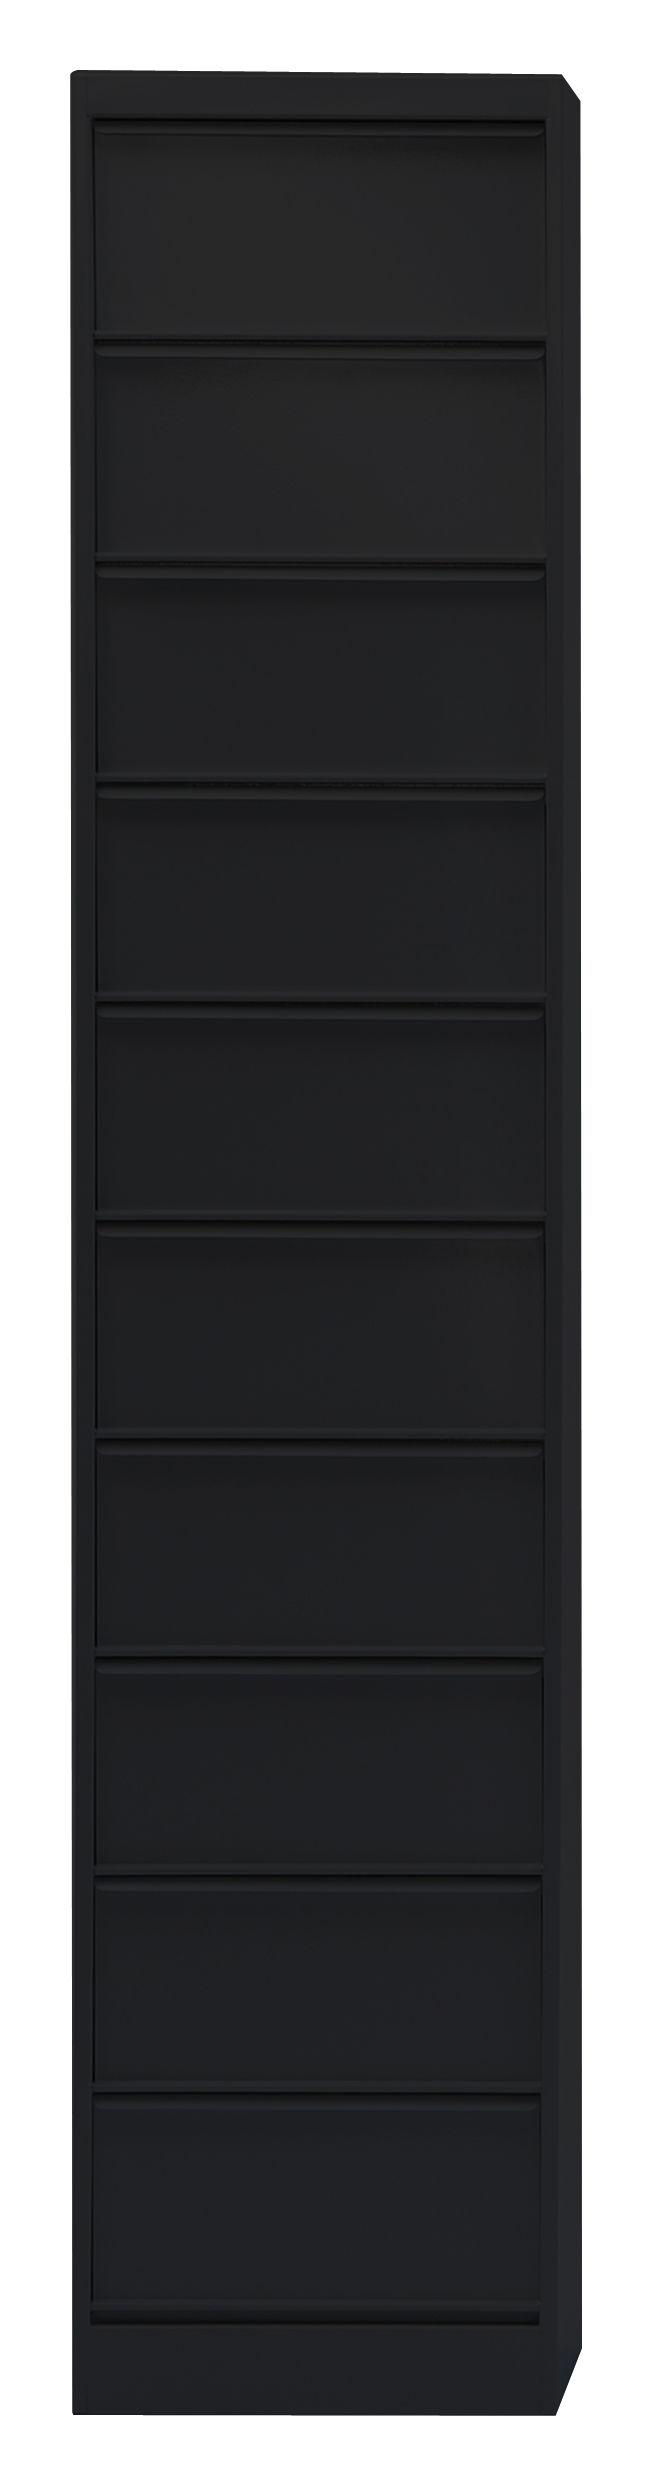 Rangement classeur clapets cc10 10 clapets noir tolix - Semaine du mobilier chez made in design jusqua ...